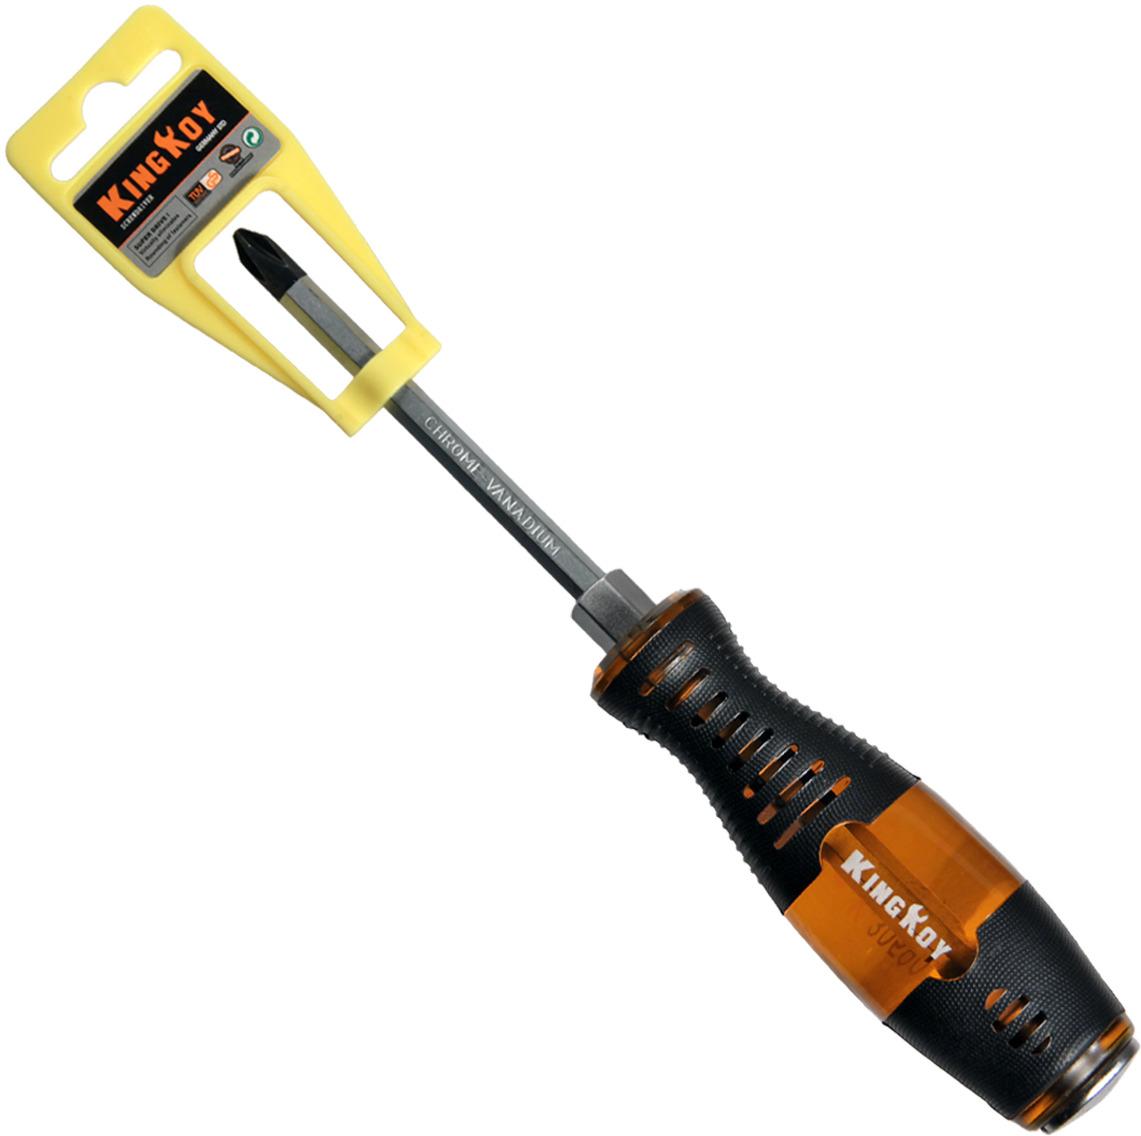 купить Отвертка крестовая King Roy, ударная, с шестигранником под гаечный ключ, 4 х 100 мм онлайн